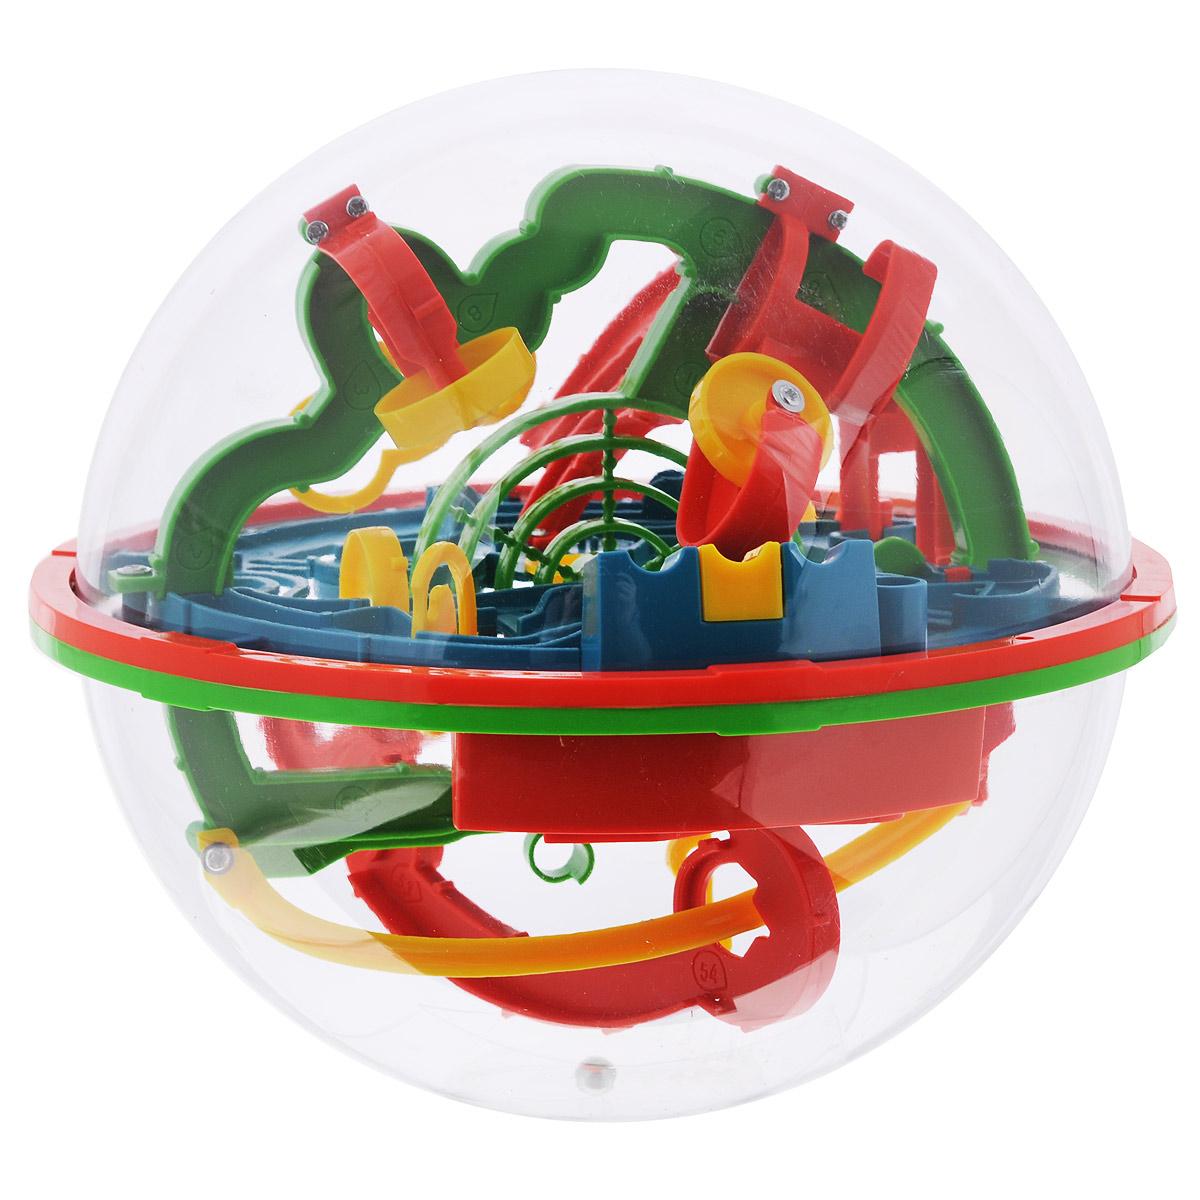 Игрушка-головоломка Bradex Шар-лабиринтDE 0033Игрушка-головоломка Bradex Шар-лабиринт понравится вашему ребенку и надолго займет его внимание. Она представляет собой прозрачную сферу, внутри которой проложен сложнейший лабиринт, который включает в себя множество переходов, барьеров, препятствий. Основная цель - путем вращения сферы необходимо провести металлический шарик по лабиринту, следуя нумерации, чтобы в итоге он попал в небольшое ведерко в центре сферы. Внутри головоломки есть около 100 препятствий, преодолеть которые совсем нелегко. Протяженность лабиринта - 7 метров! В отличие от привычных плоских лабиринтов, эта игрушка развивает пространственное мышление и видение, ведь шарик постоянно перемещается из одной плоскости в другую, рискуя на каждом этапе упасть, вынуждая начинать заново. Игрушка развивает у детей пространственное мышление, а также такие важные в современном мире качества, как моторика и усидчивость. Яркое и красочное оформление, безусловно, привлечет вашего ребенка к этой игрушке и вызовет долгосрочный интерес к ней. Головоломка подарит ребенку радость познавательной активности не только дома, но и на прогулке, в детском саду или школе. Головоломка Шар-лабиринт - игрушка для любого возраста, спроектированная в США 10 лет назад и с тех пор завоевавшая сердца, как самых маленьких игроков, так и более старшего поколения. Отмечена более чем 30 наградами и титулами Лучшая игрушка года во многих странах мира.